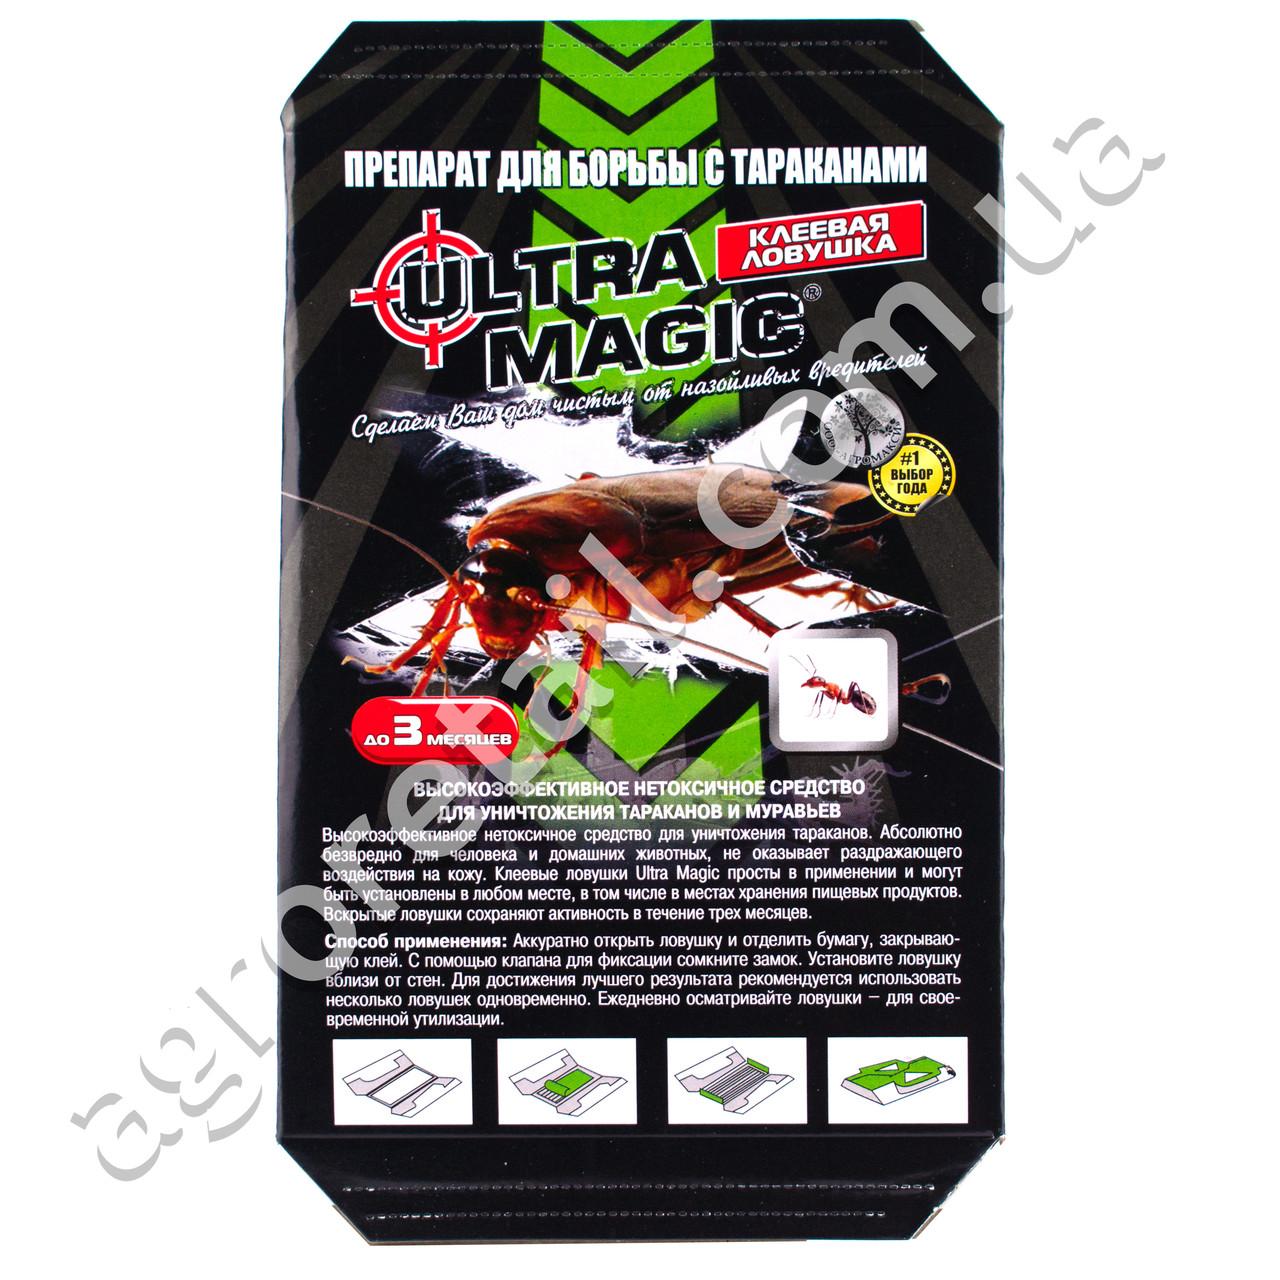 Клеевая ловушка для тараканов и муравьев 17.5*10 см Ultra Magiс